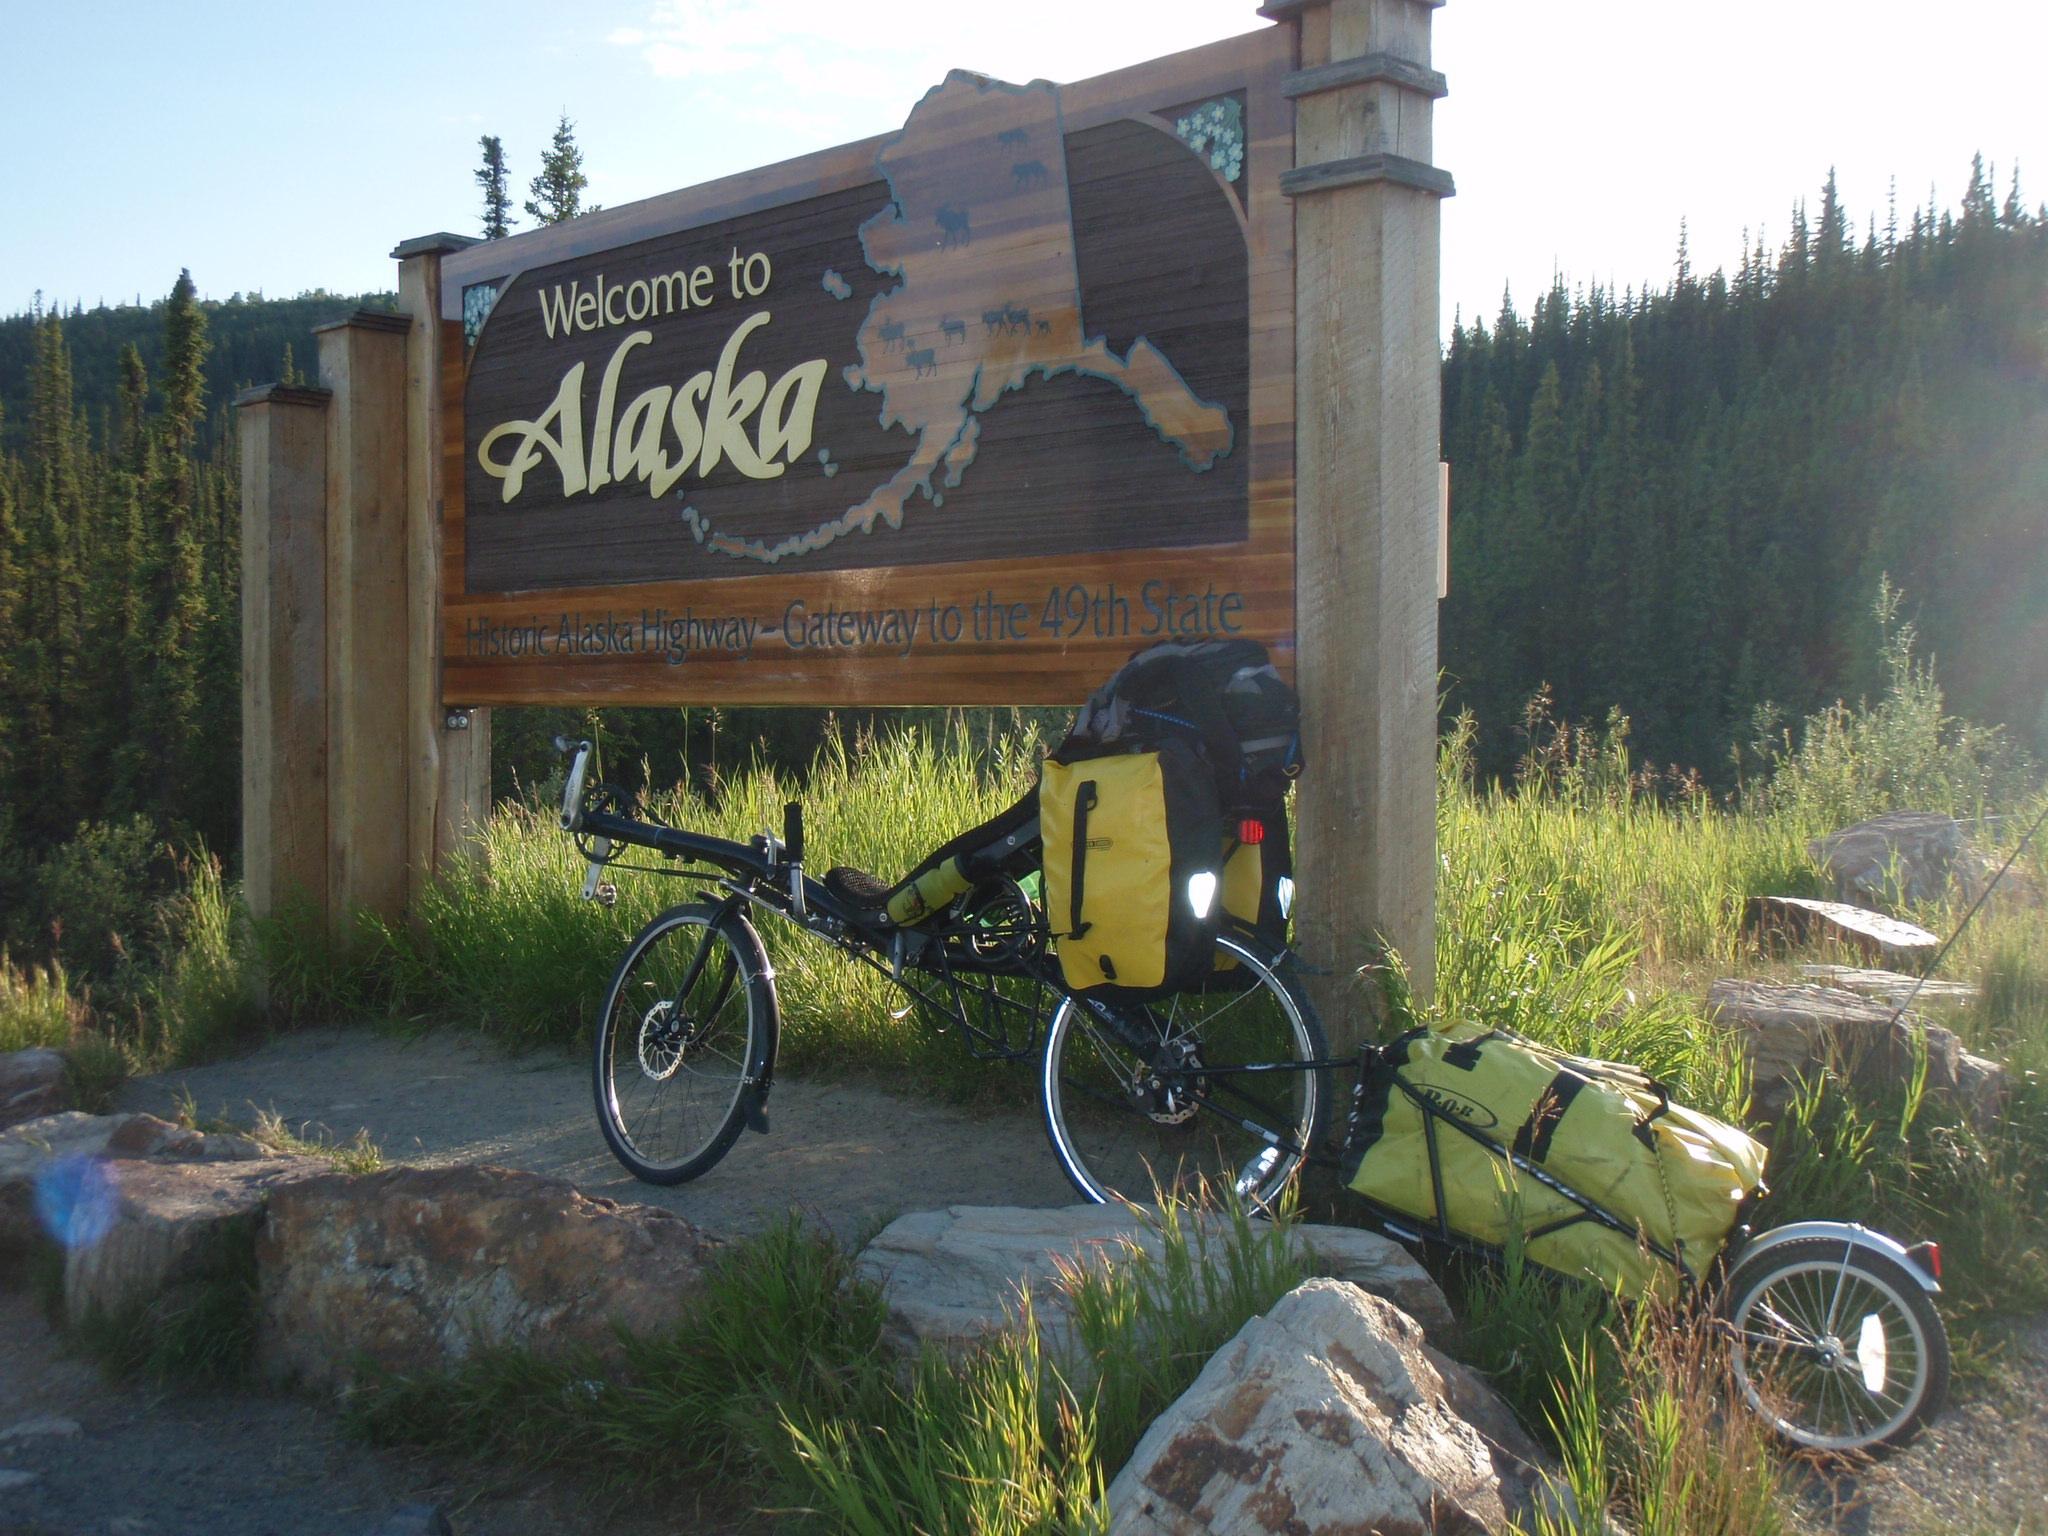 Bike at Alaska sign at Canadian border